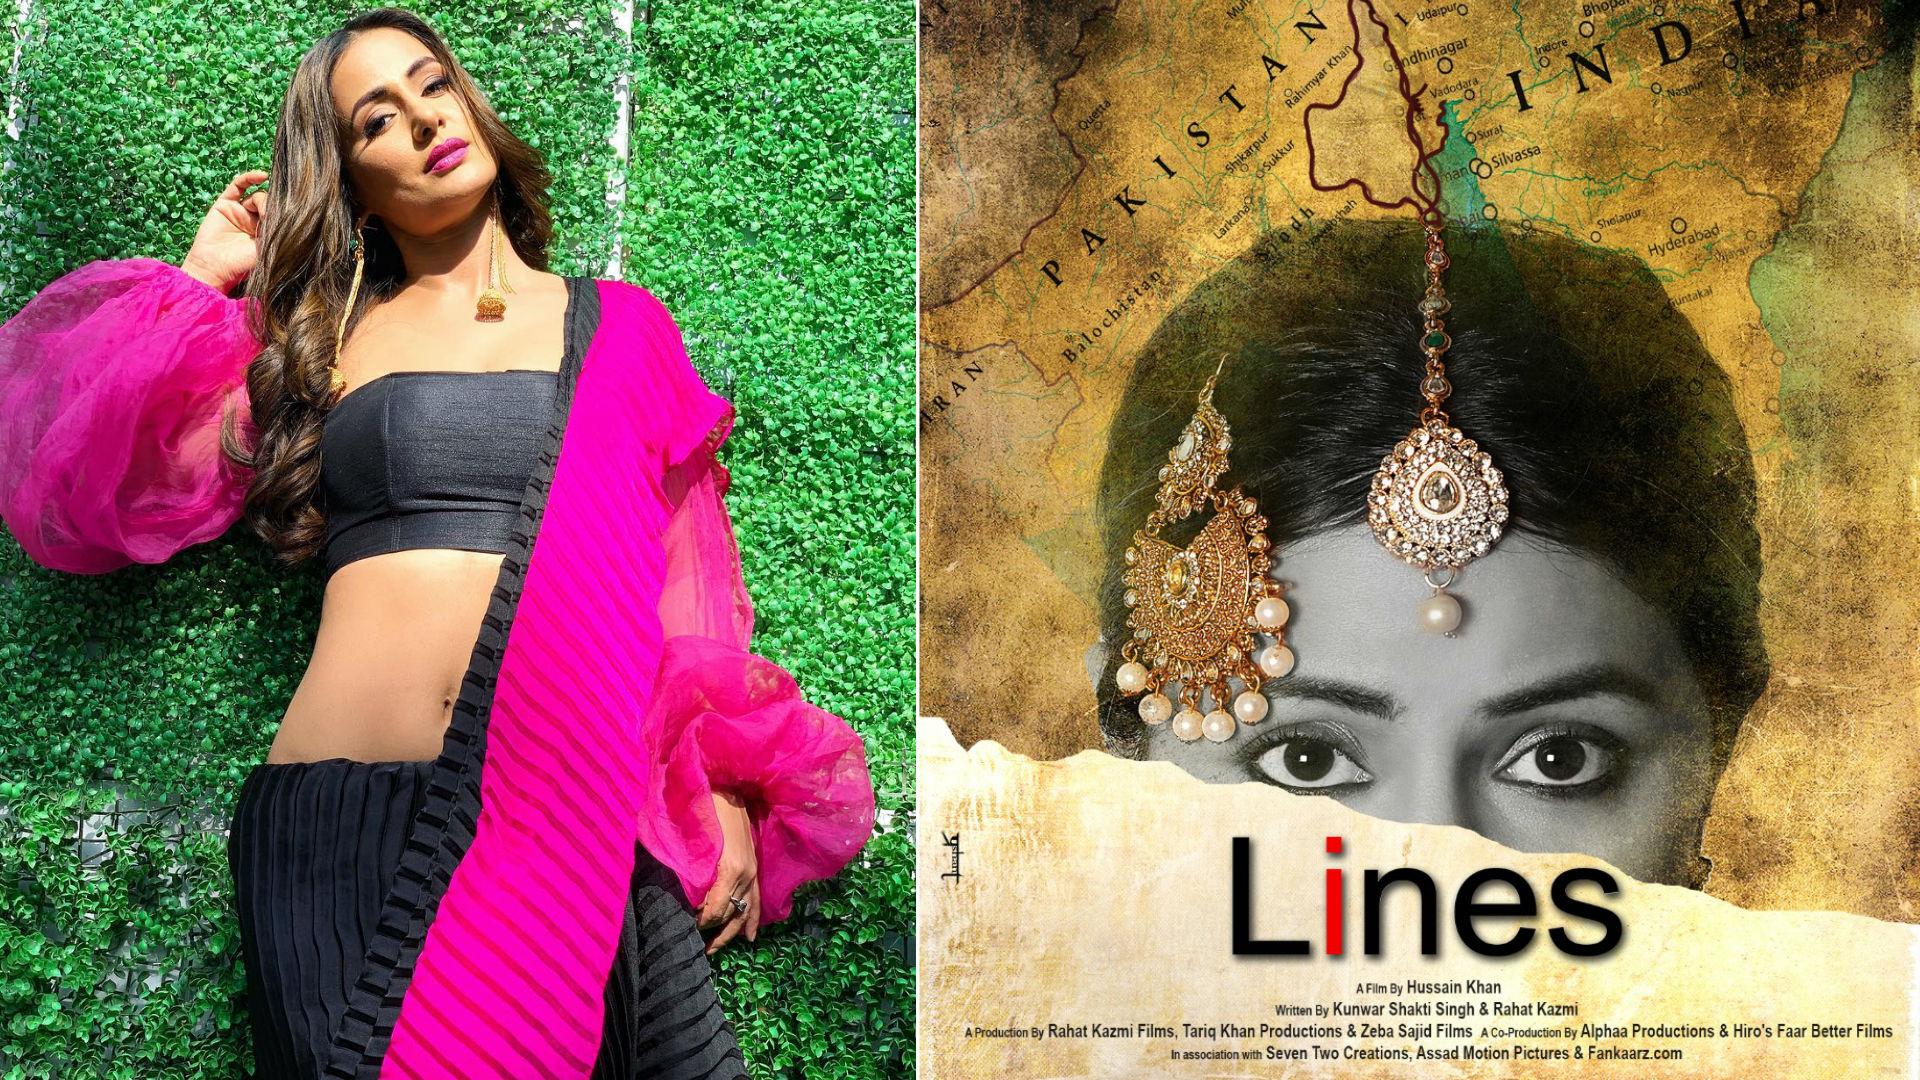 Hina Khan Lines Movie: हिना खान की फिल्म लाइन्स के पोस्टर रिलीज, डरी-सहमी दिखीं एक्ट्रेस